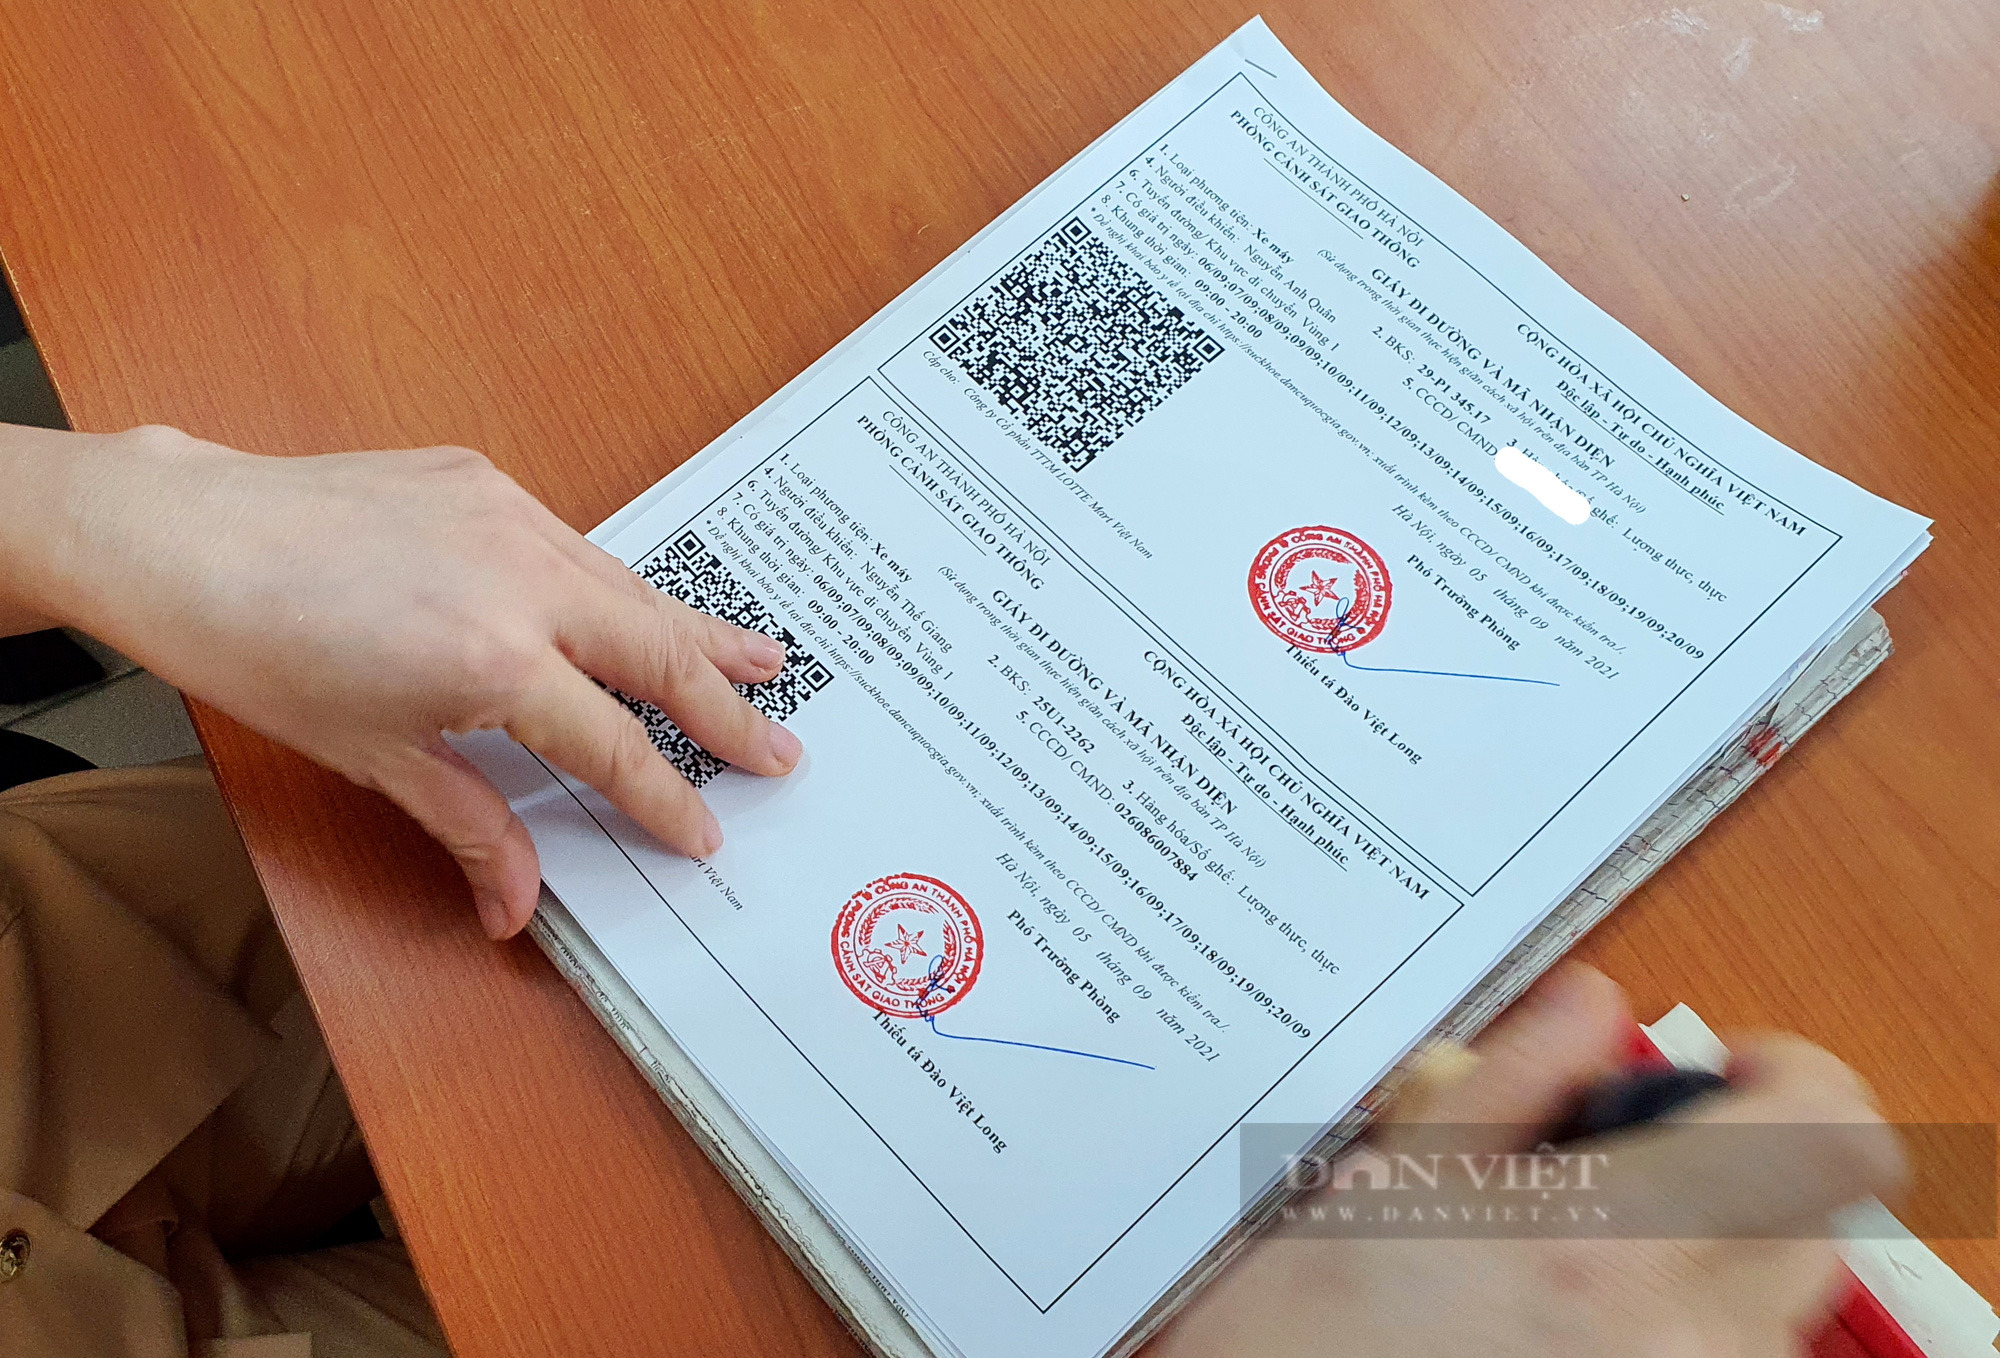 Cận cảnh những giấy đi đường kèm mã QR code đầu tiên được cấp ở Phòng CSGT - CATP Hà Nội - Ảnh 4.